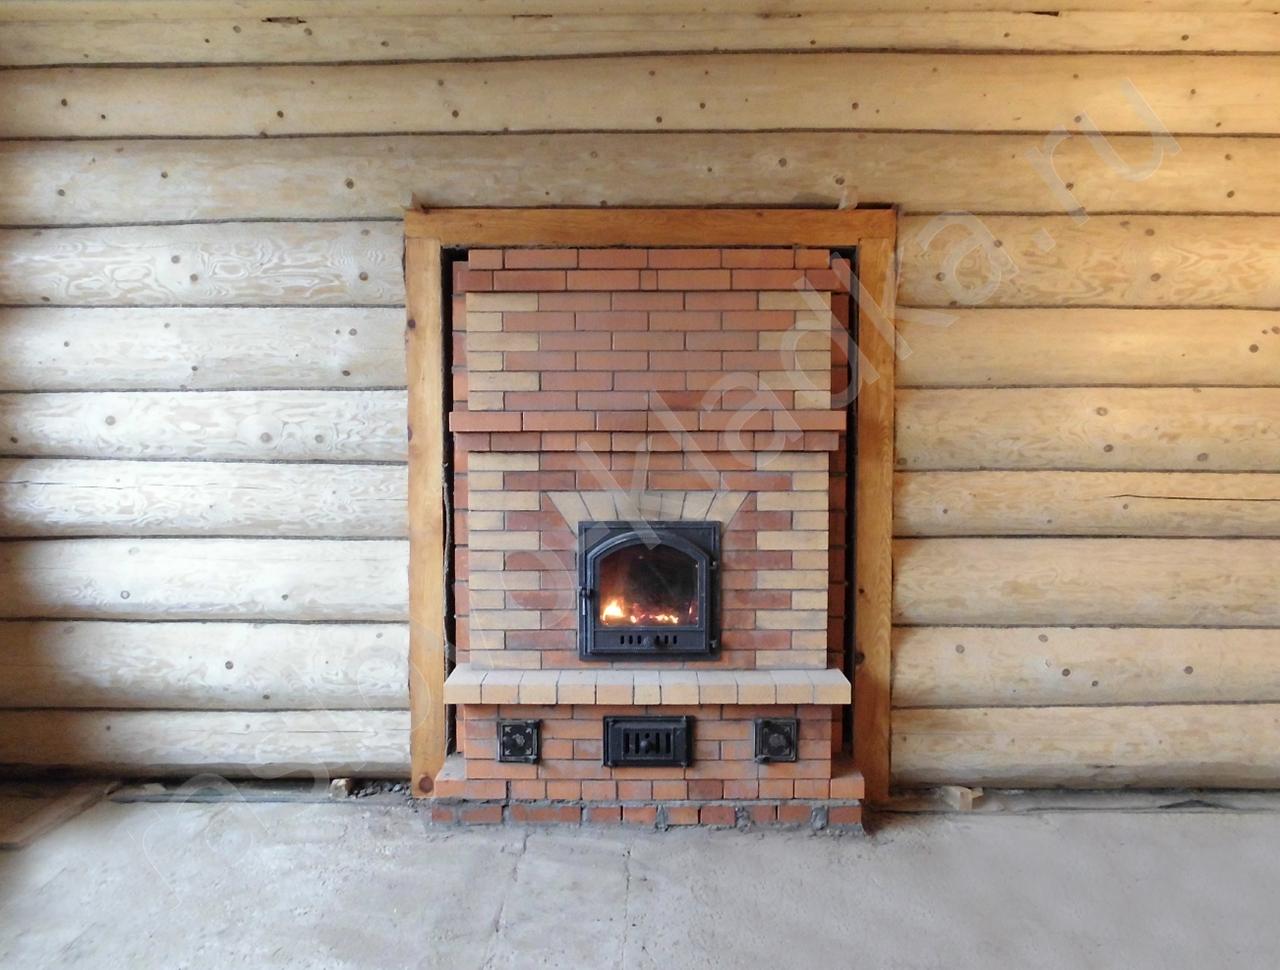 Домашний камин своими руками: как сделать, пошаговая инструкция, как построить из кирпича, схема, чертеж, фото, видео